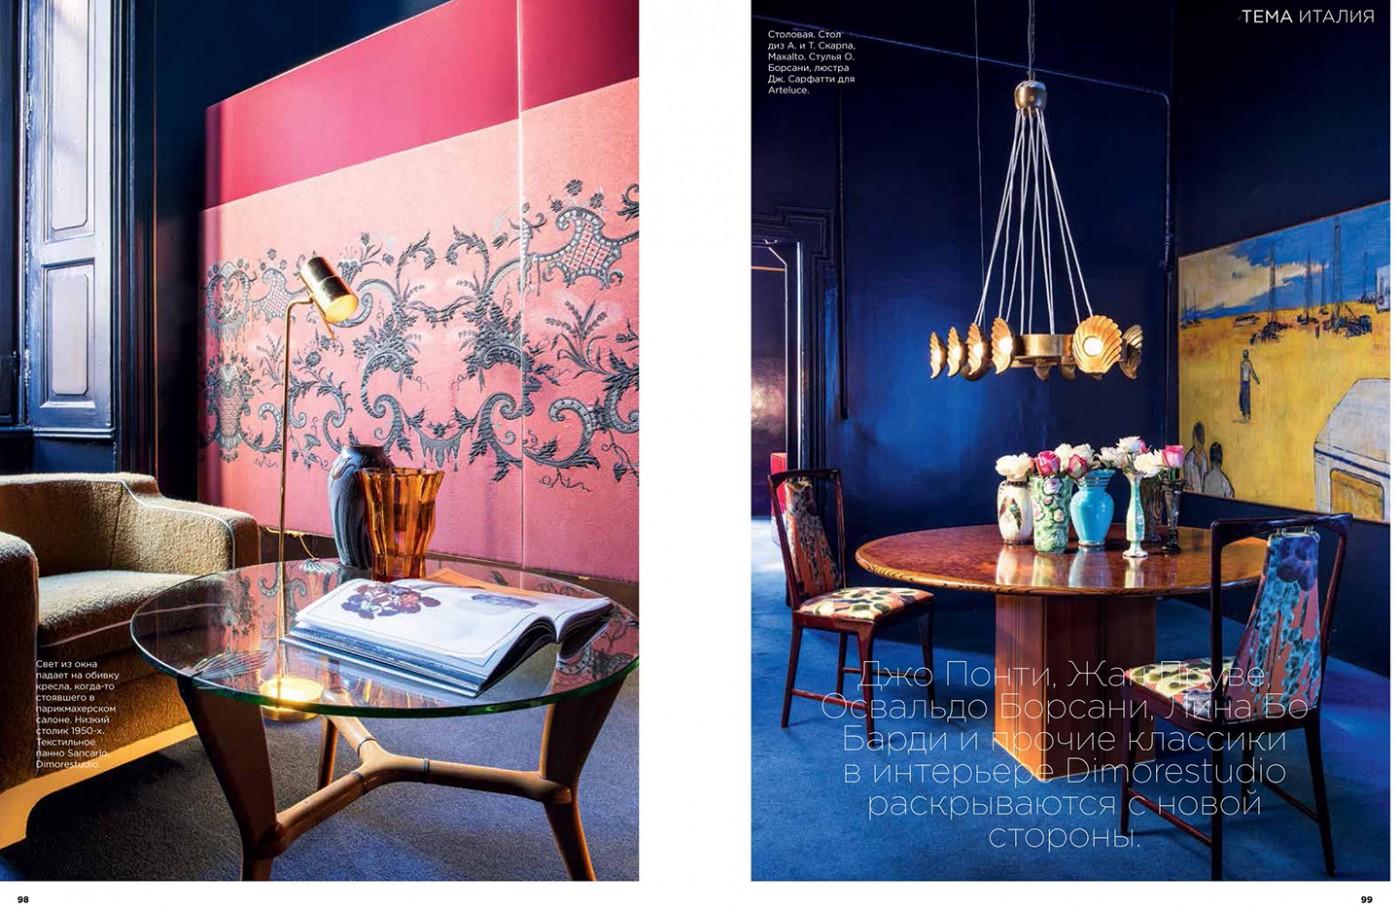 Interior Design Russia April 2017 Dimoregallery